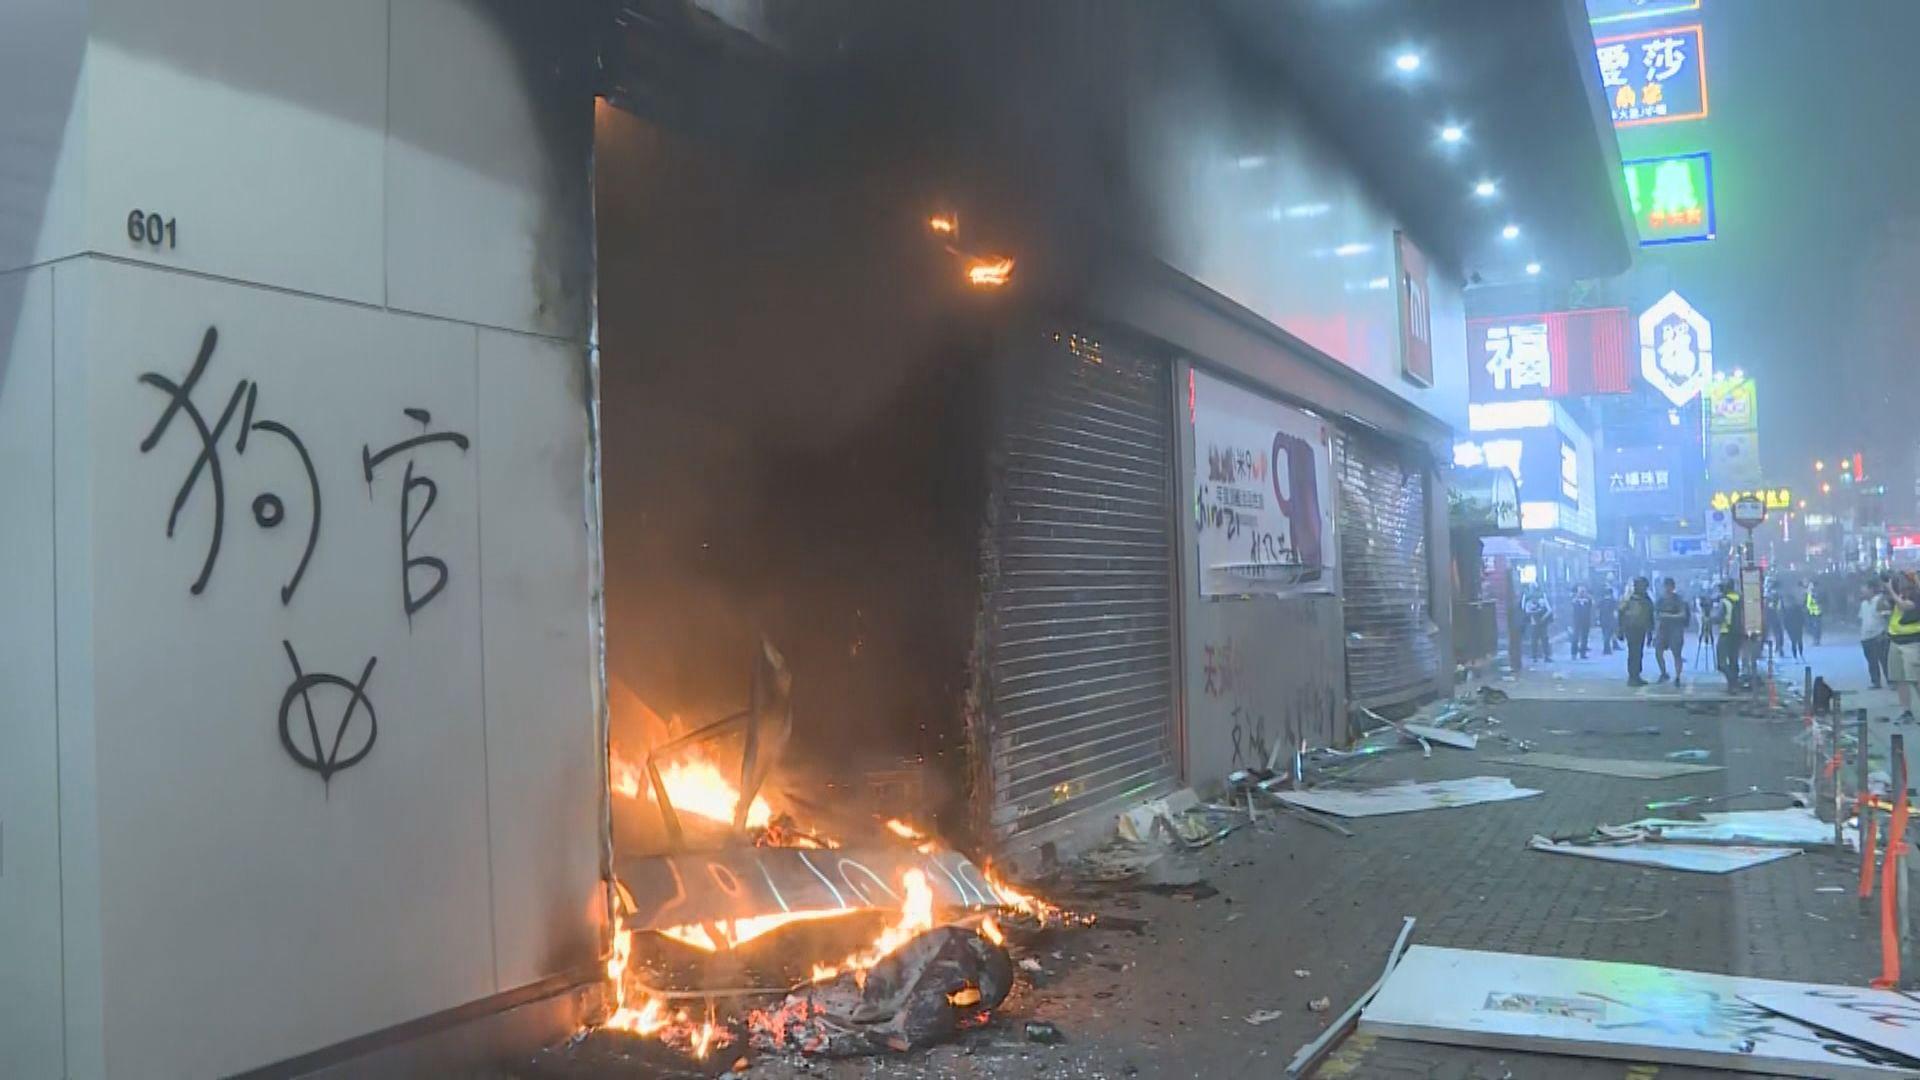 多間中資銀行及商店被破壞